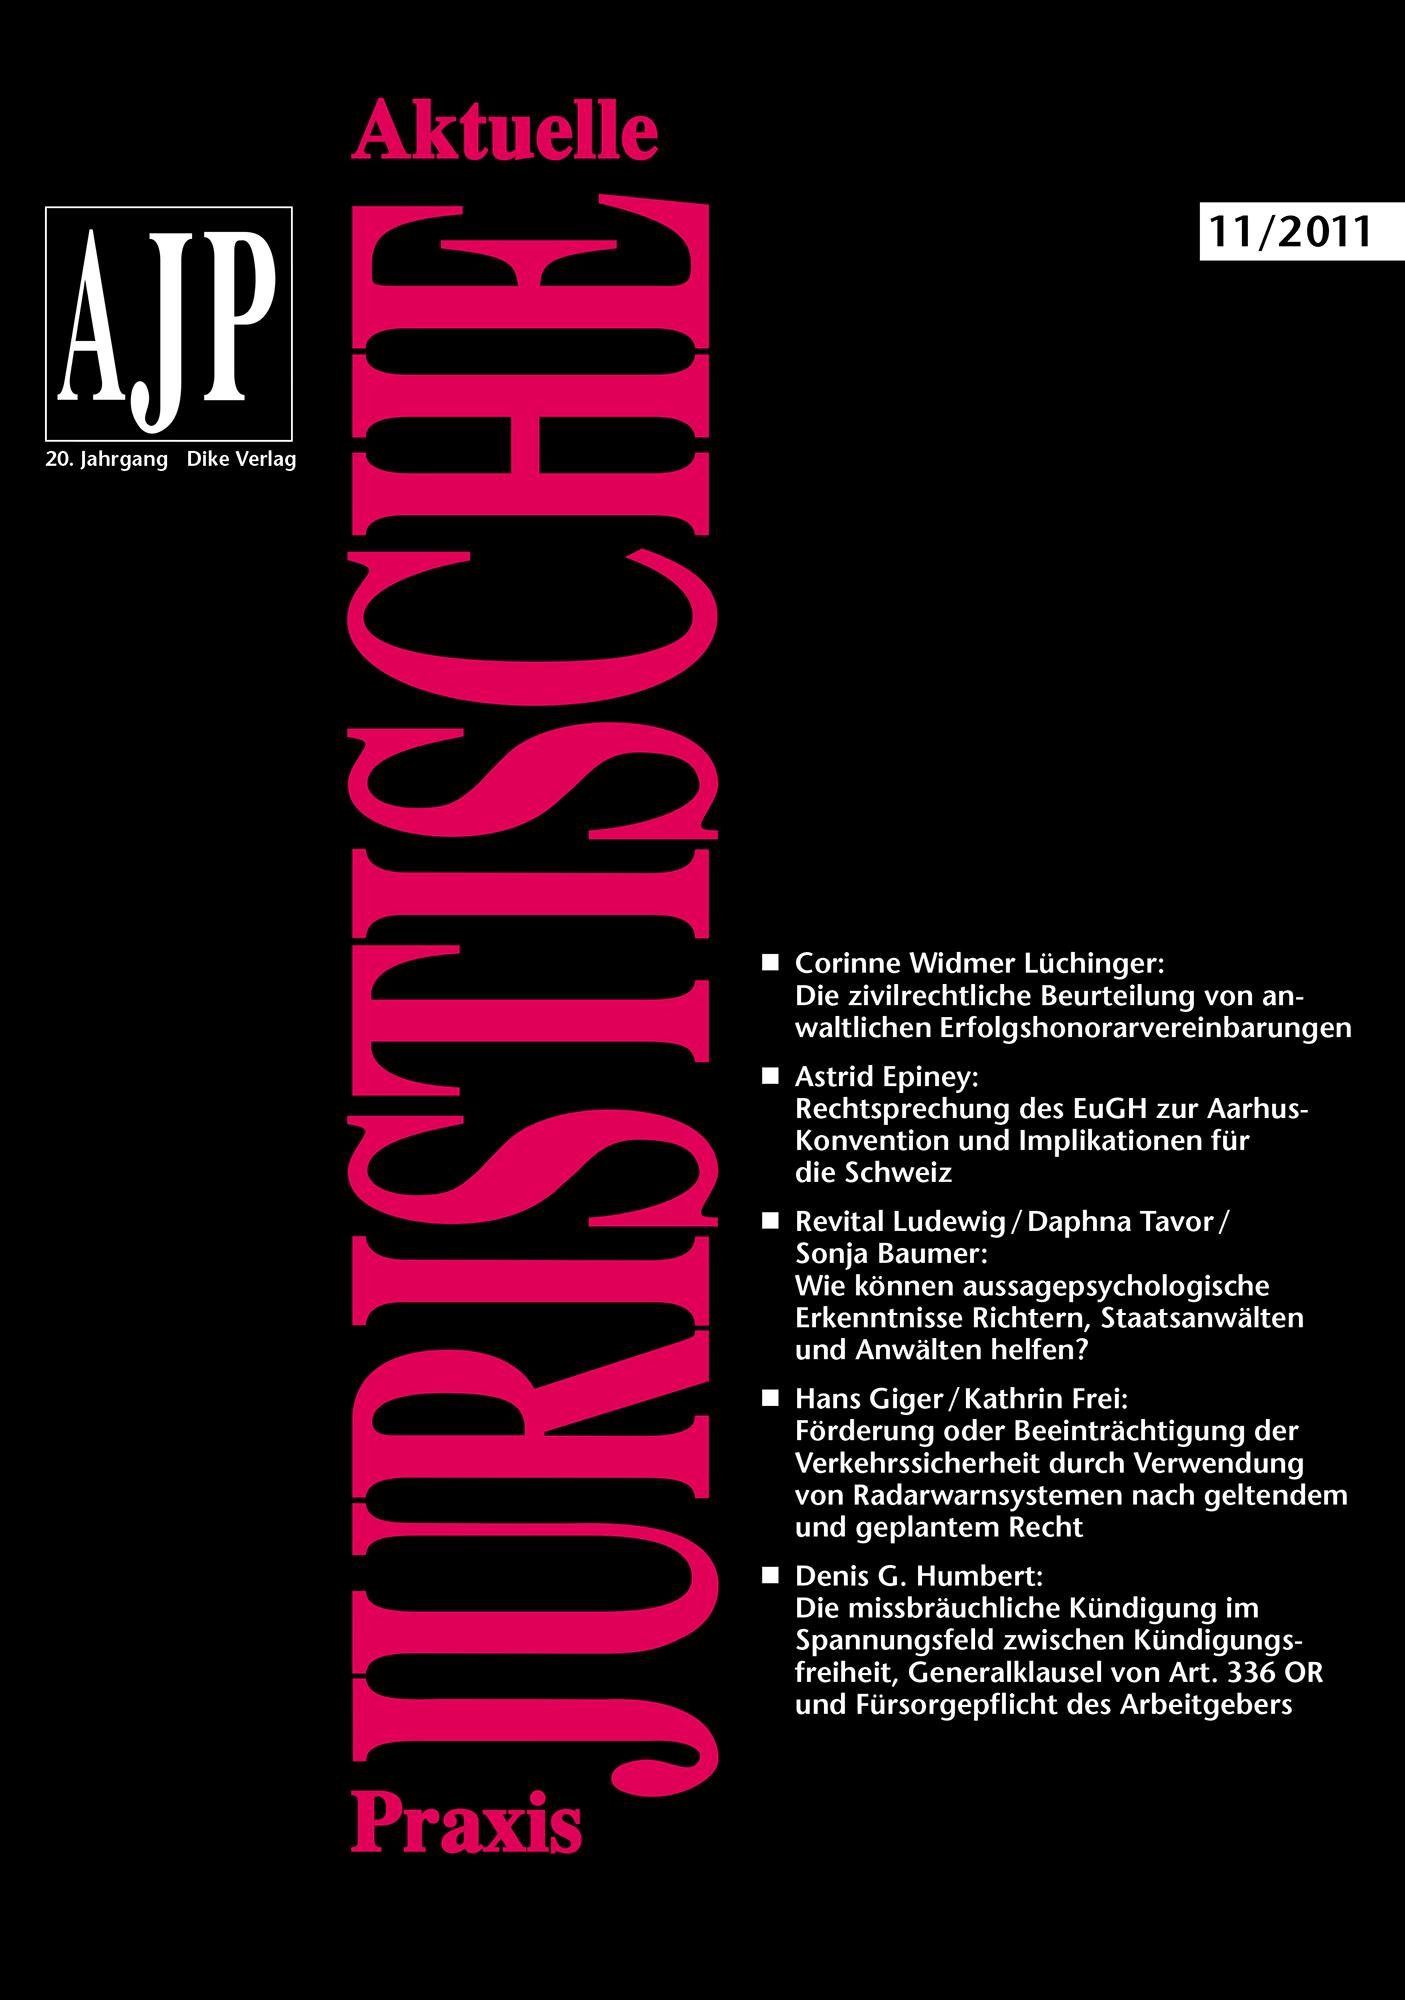 AJP/PJA 11/2011